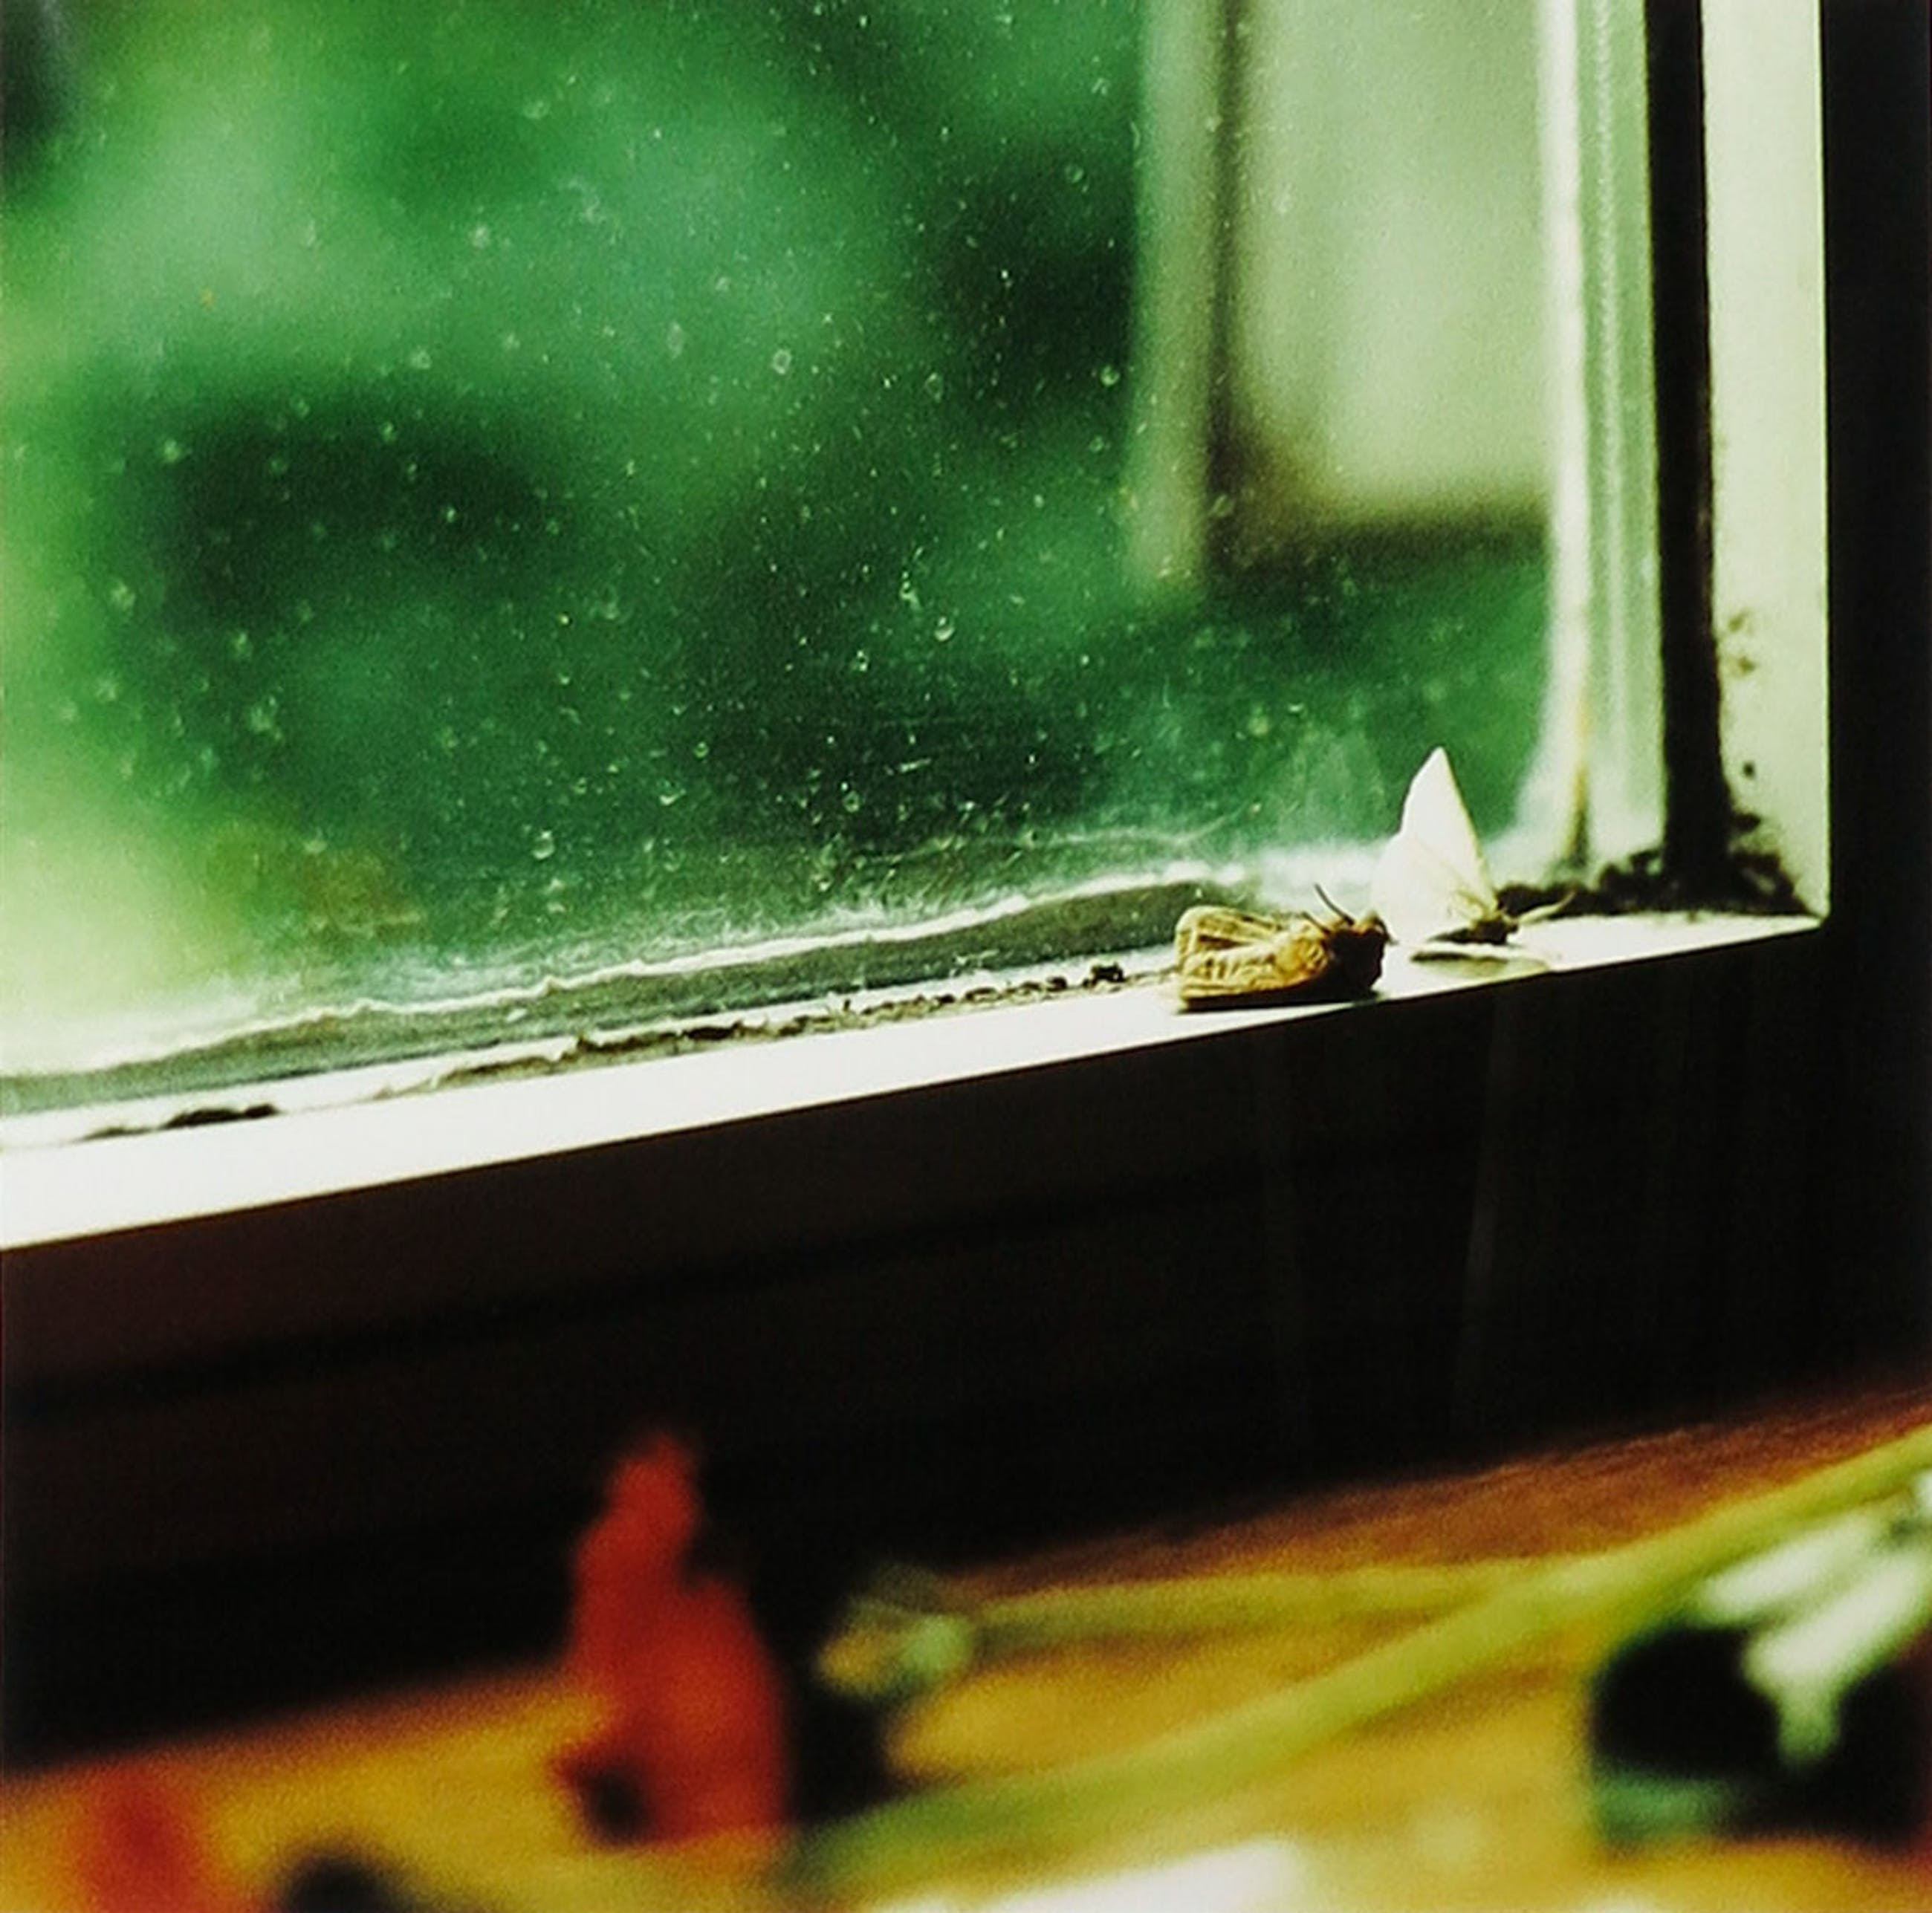 Brigitte de Langen - Foto, Square moths - Ingelijst kopen? Bied vanaf 10!